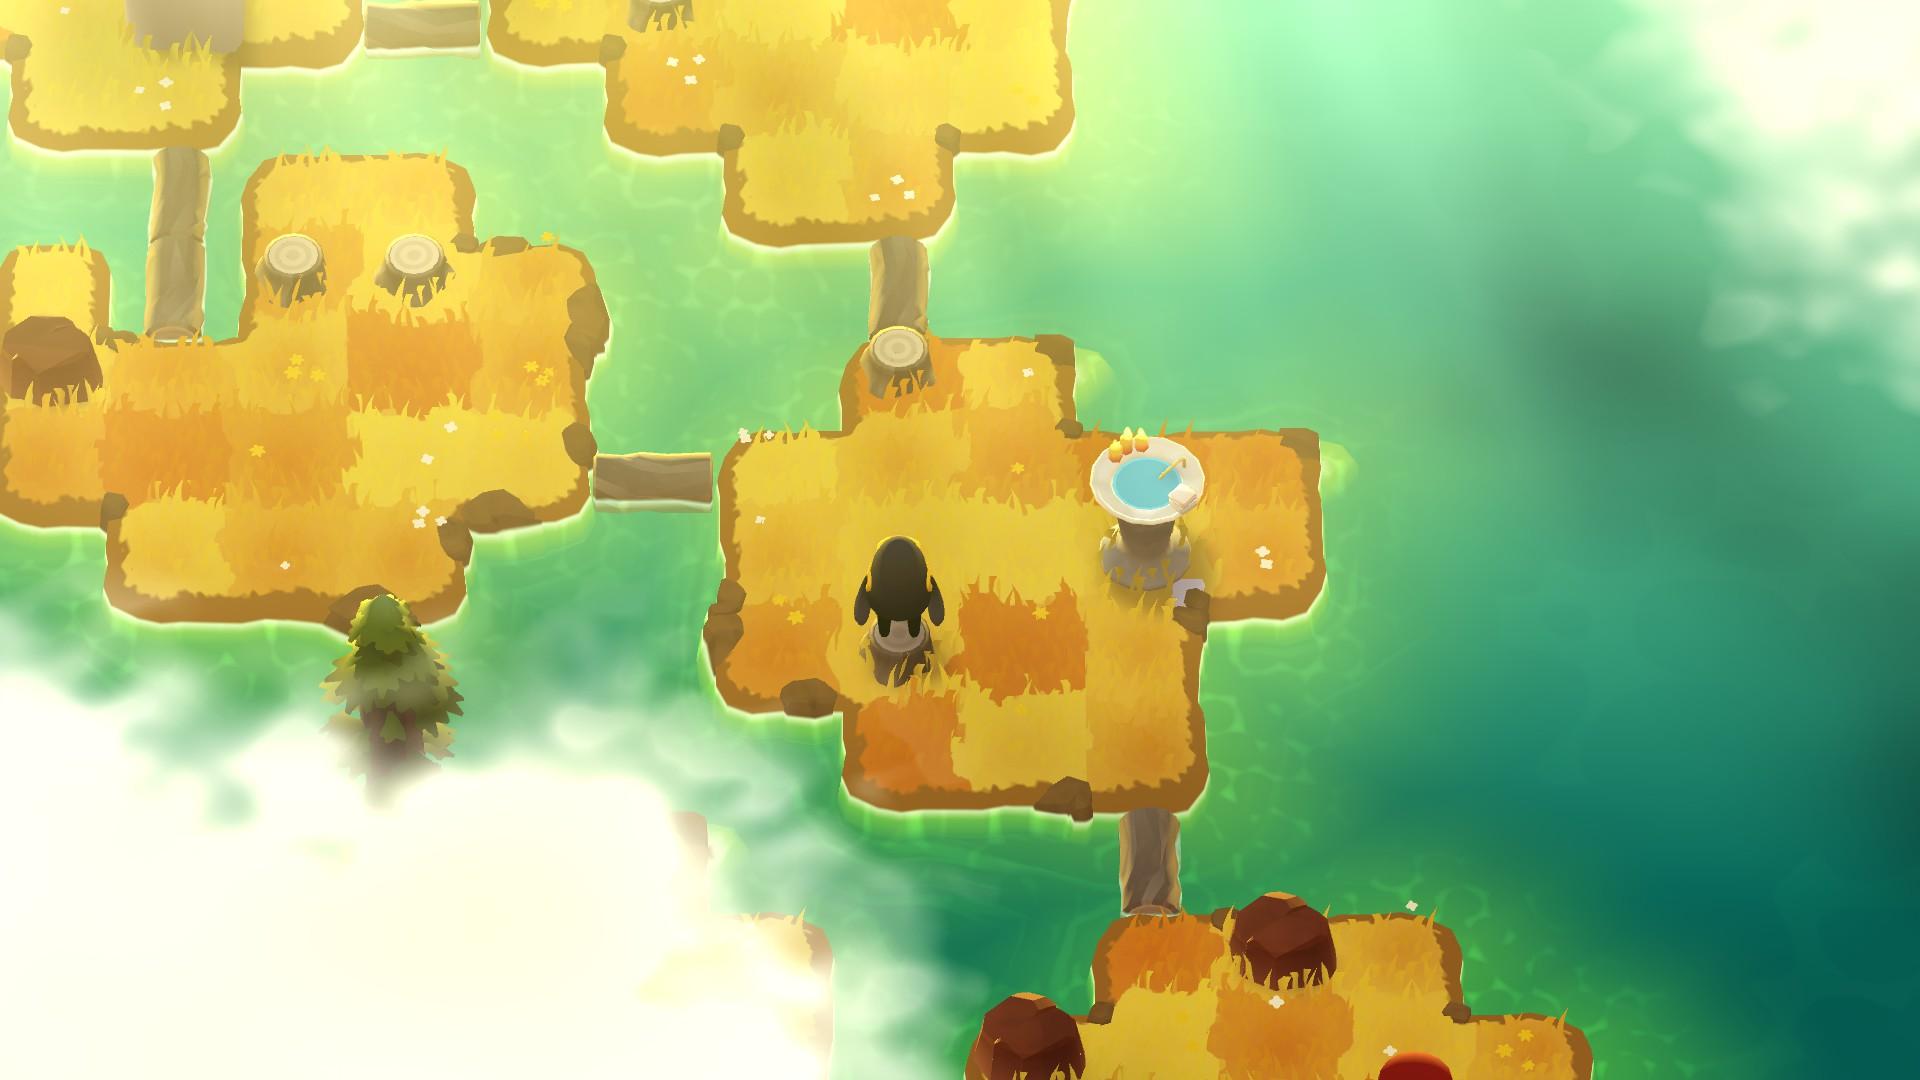 Una captura de pantalla de A Monster's Expedition que muestra al monstruo, una pequeña criatura bípeda negra con una mochila amarilla, de pie sobre el tocón de un árbol en una pequeña isla.  A su alrededor, los troncos flotantes proporcionan puentes a otras islas pequeñas.